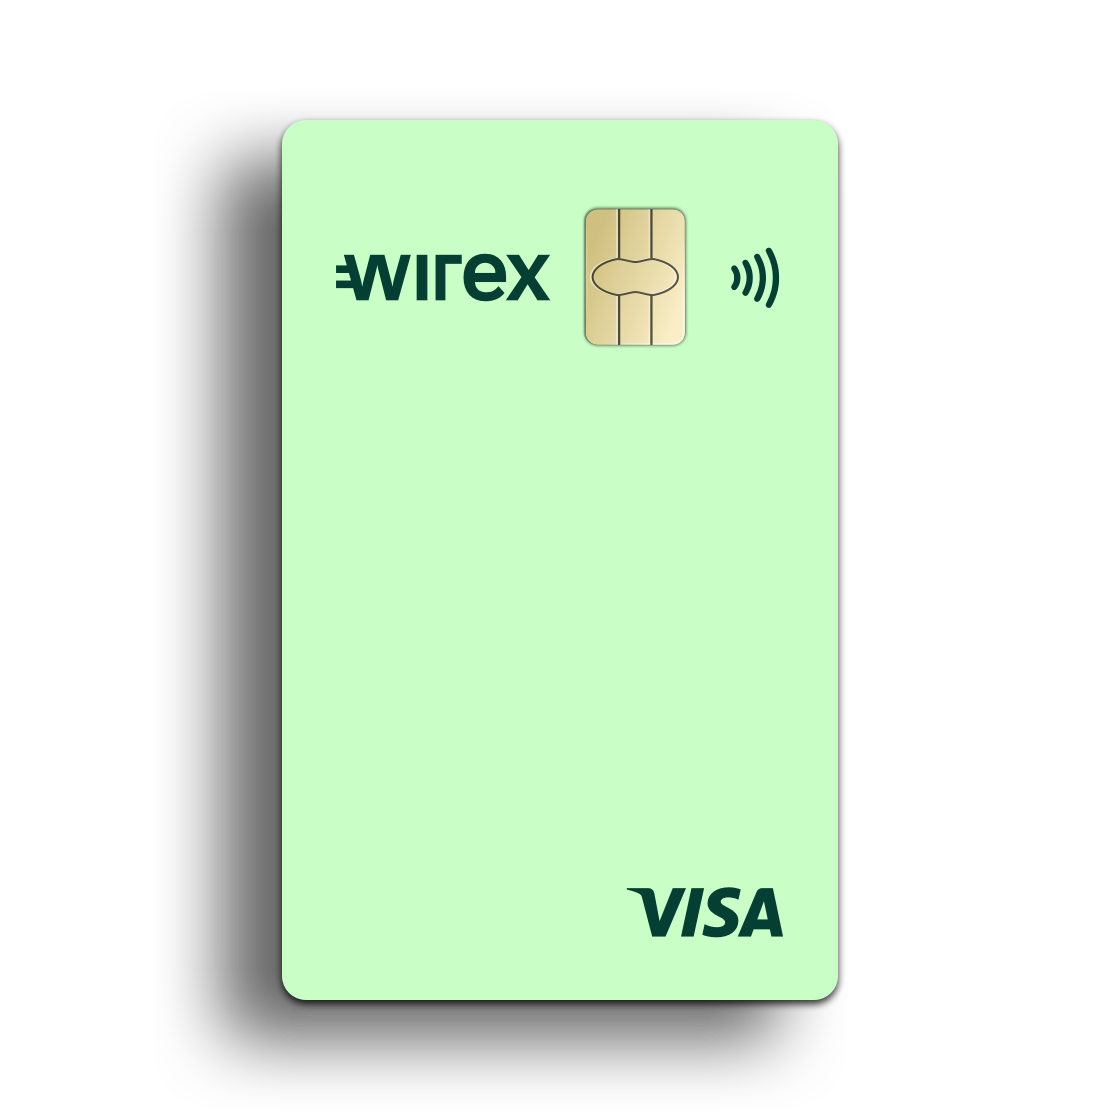 Wirex Card Image